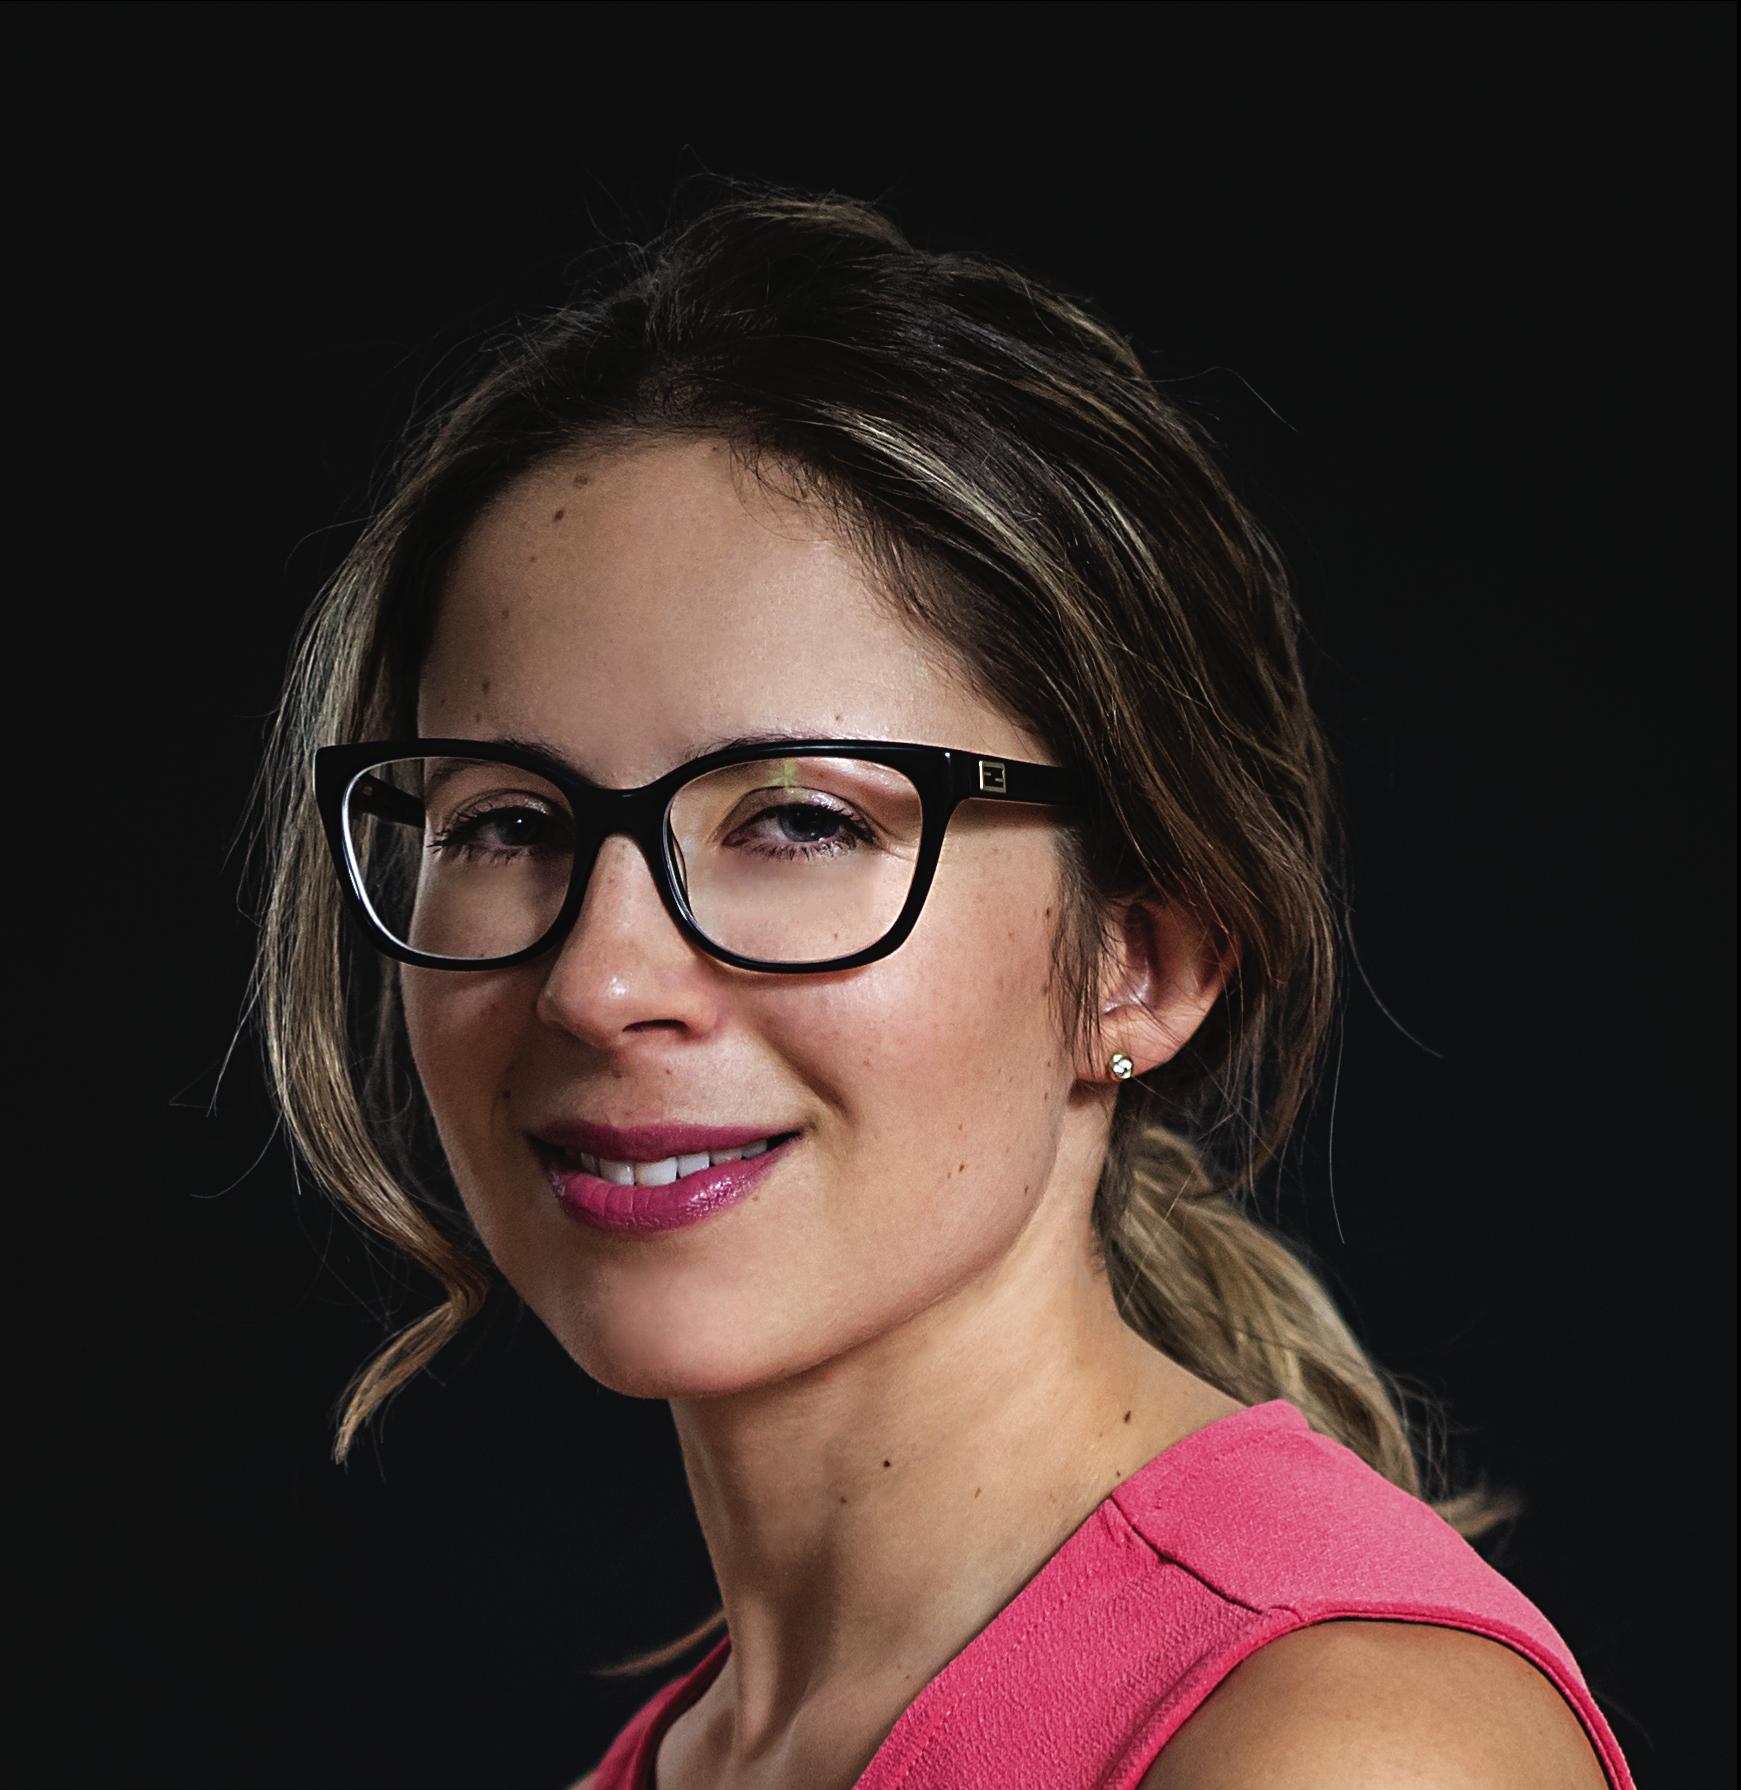 Natalia Freund